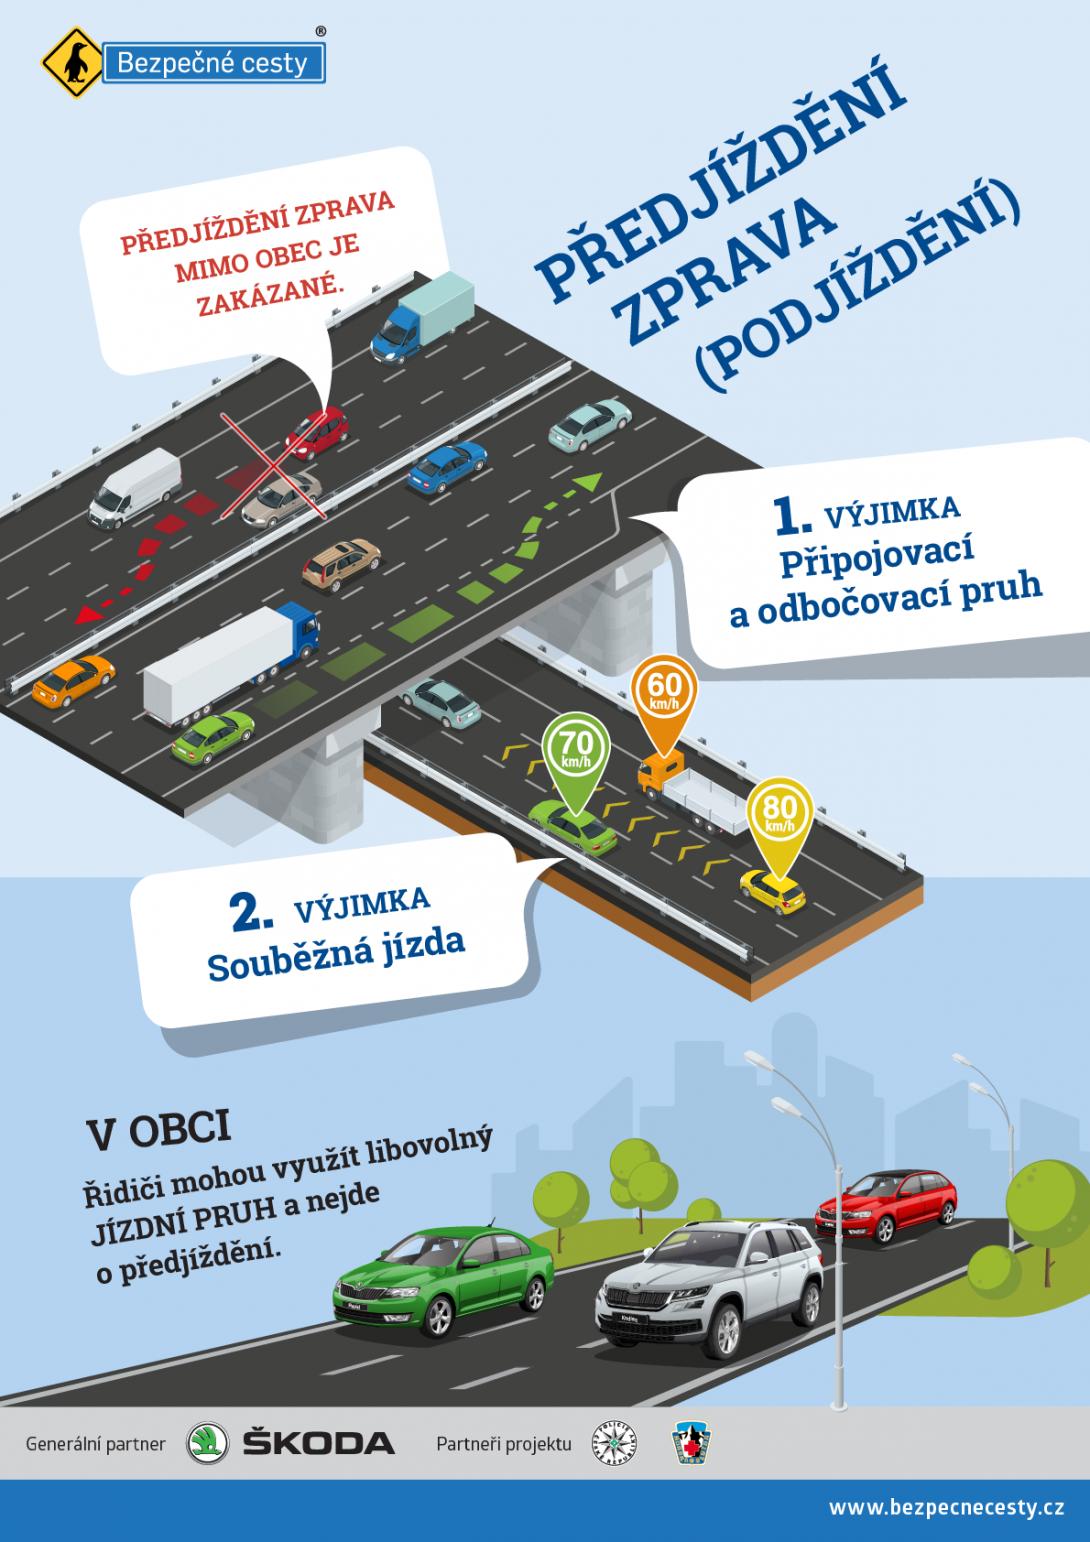 Předjíždění zprava - podjíždění - infografika